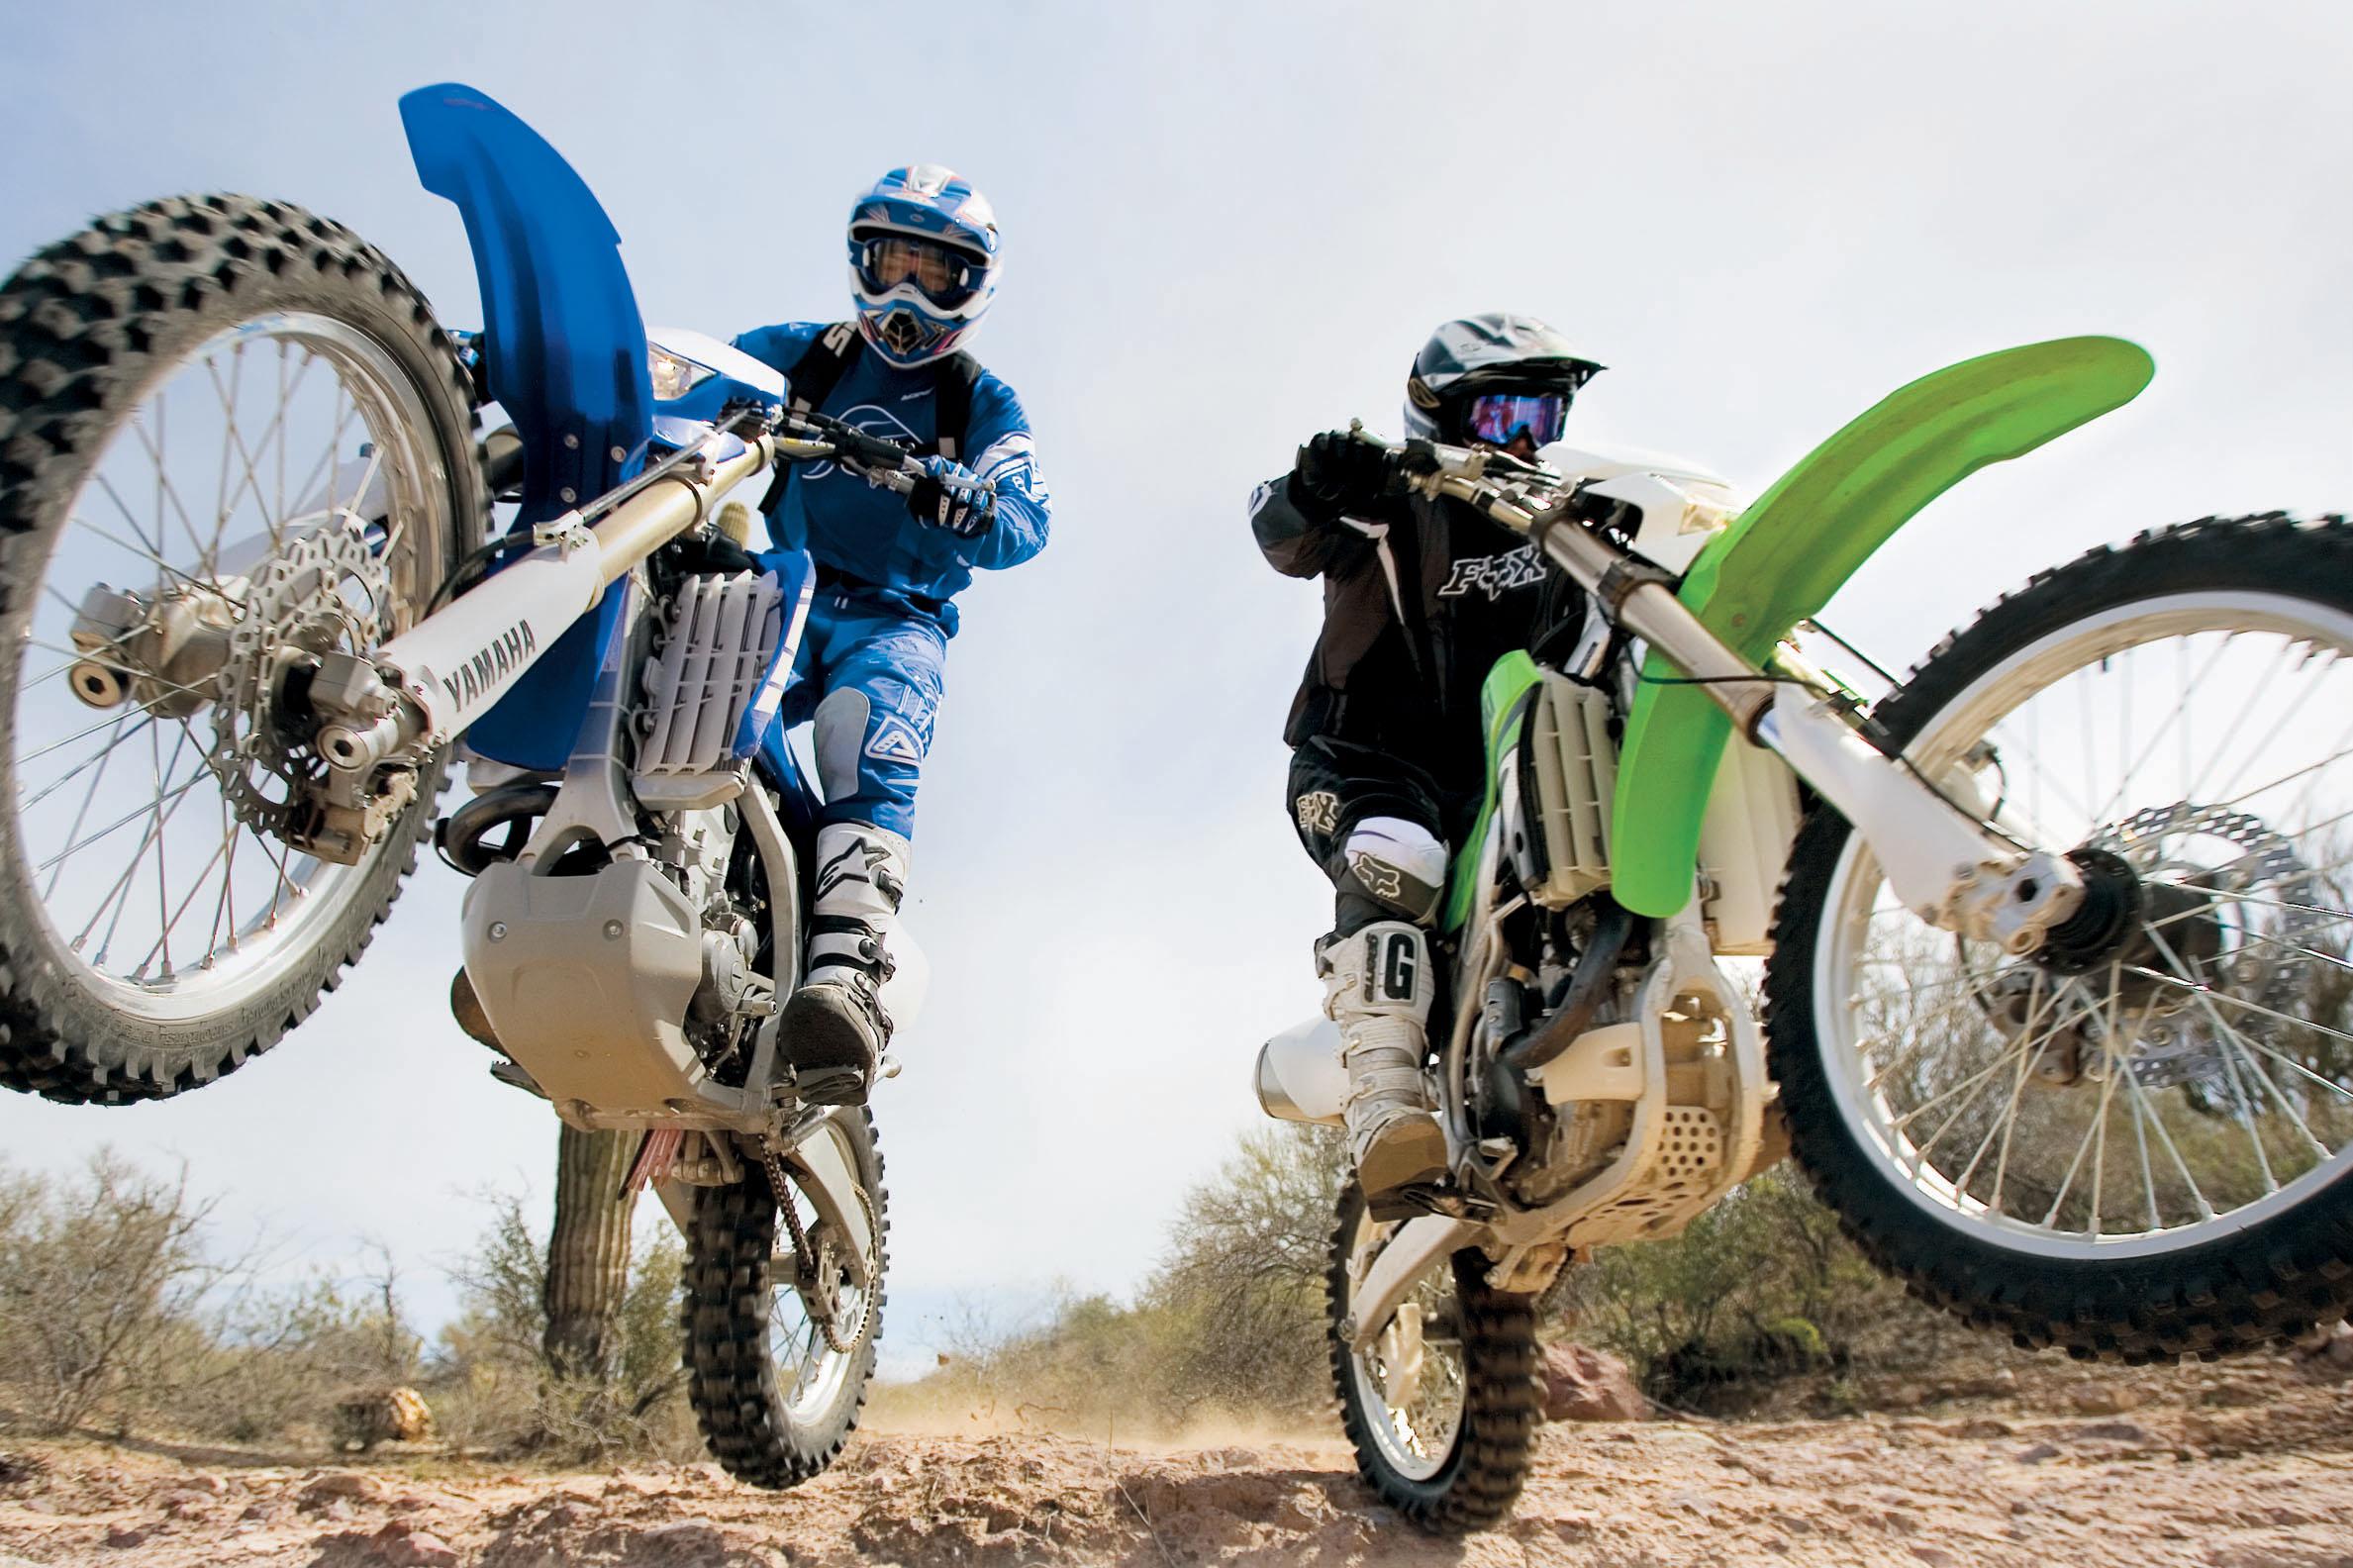 Kawasaki KLX450R vs  Yamaha WR450F Off-Road Motorcycle Review